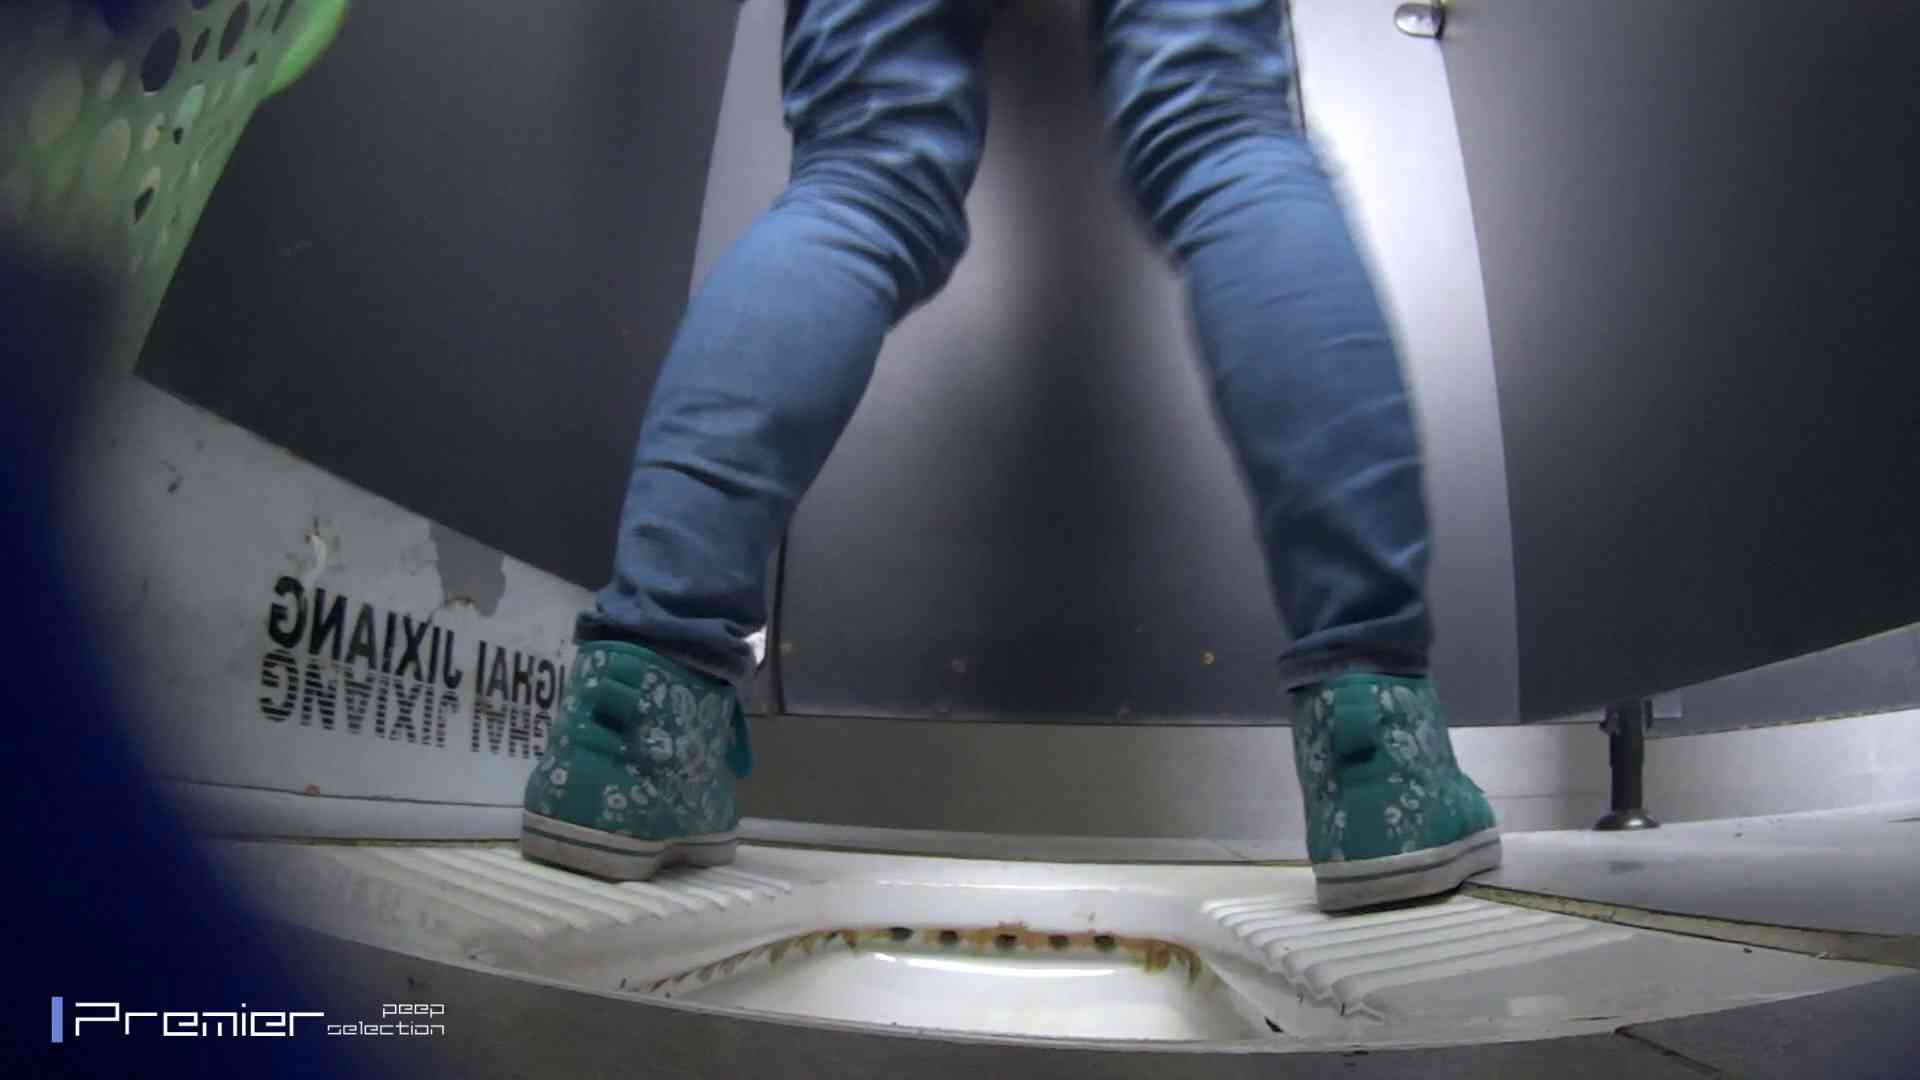 ポチャが多めの洗面所 大学休憩時間の洗面所事情45 ポチャ 盗撮おめこ無修正動画無料 105pic 99